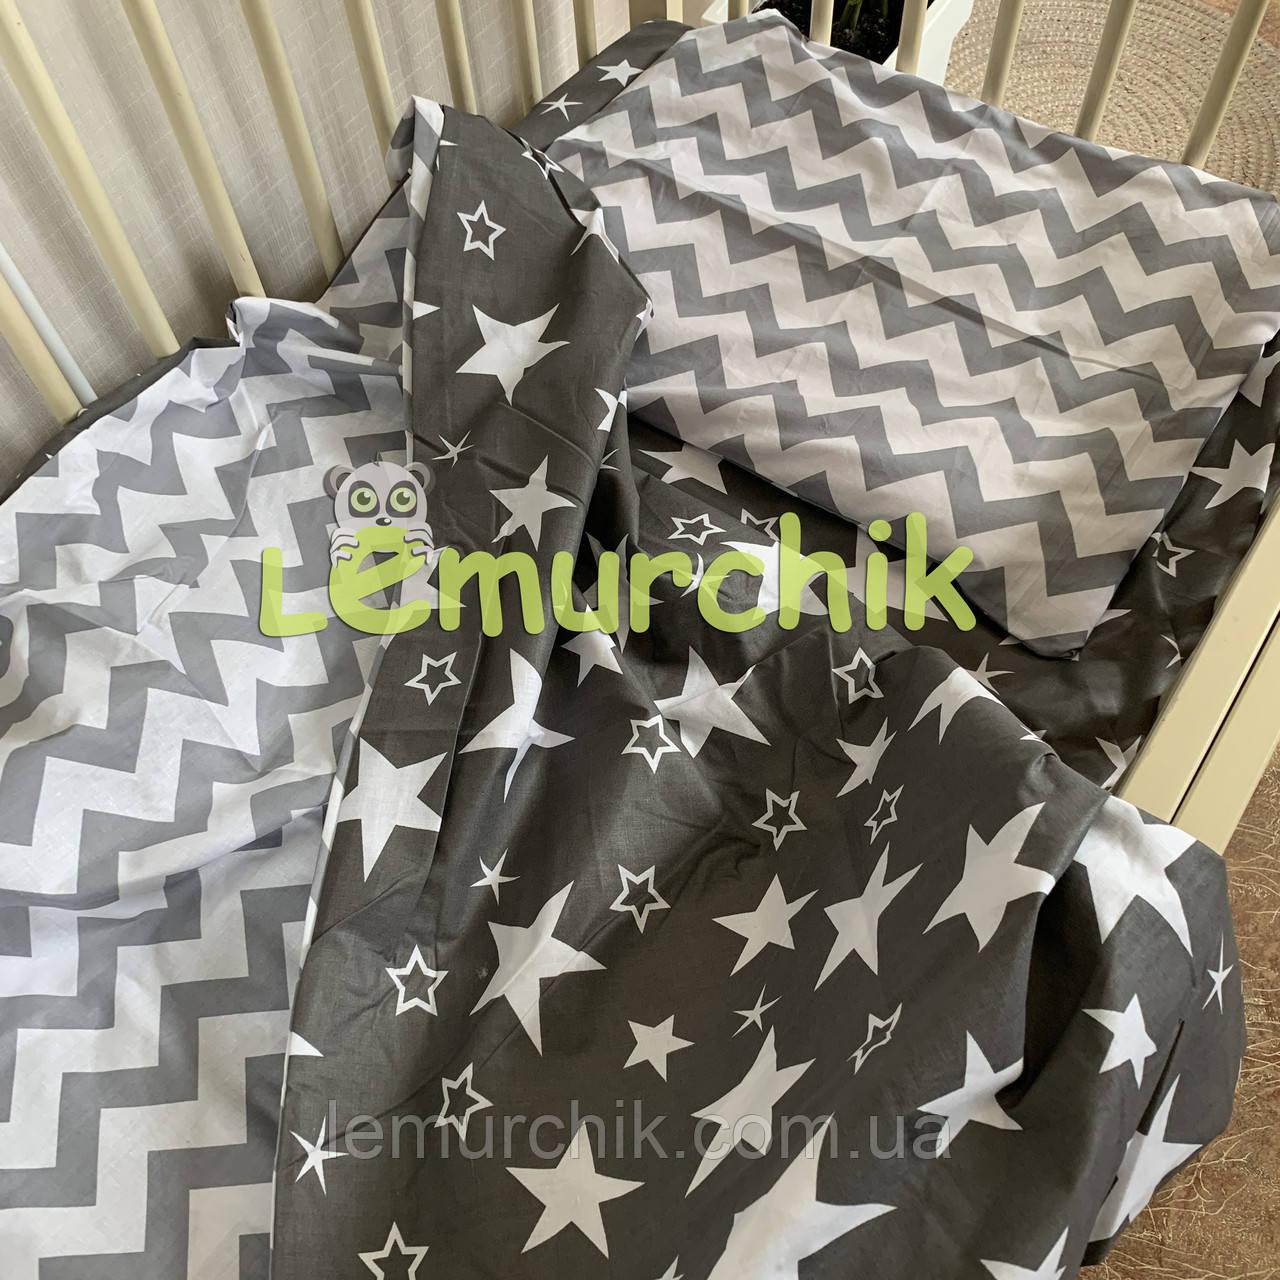 Постельный набор в детскую кроватку (3 предмета) двухсторонний зиг заг+звездочки